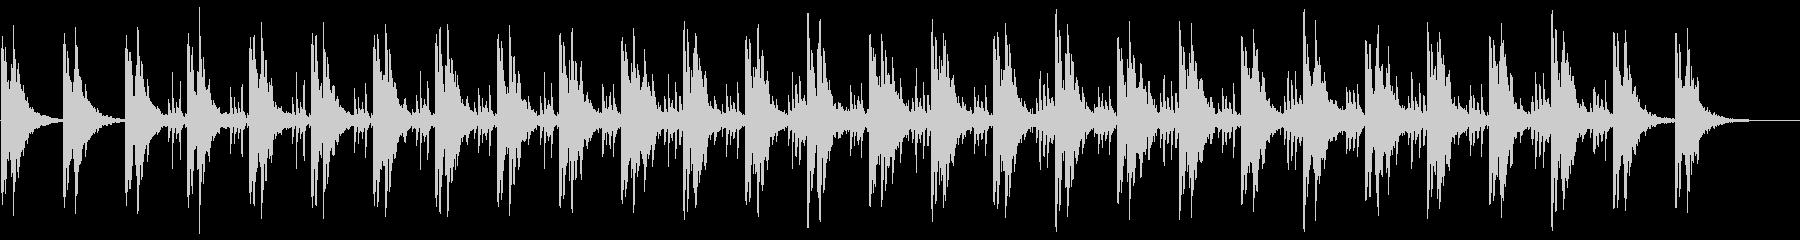 ミニマル系BGMの未再生の波形